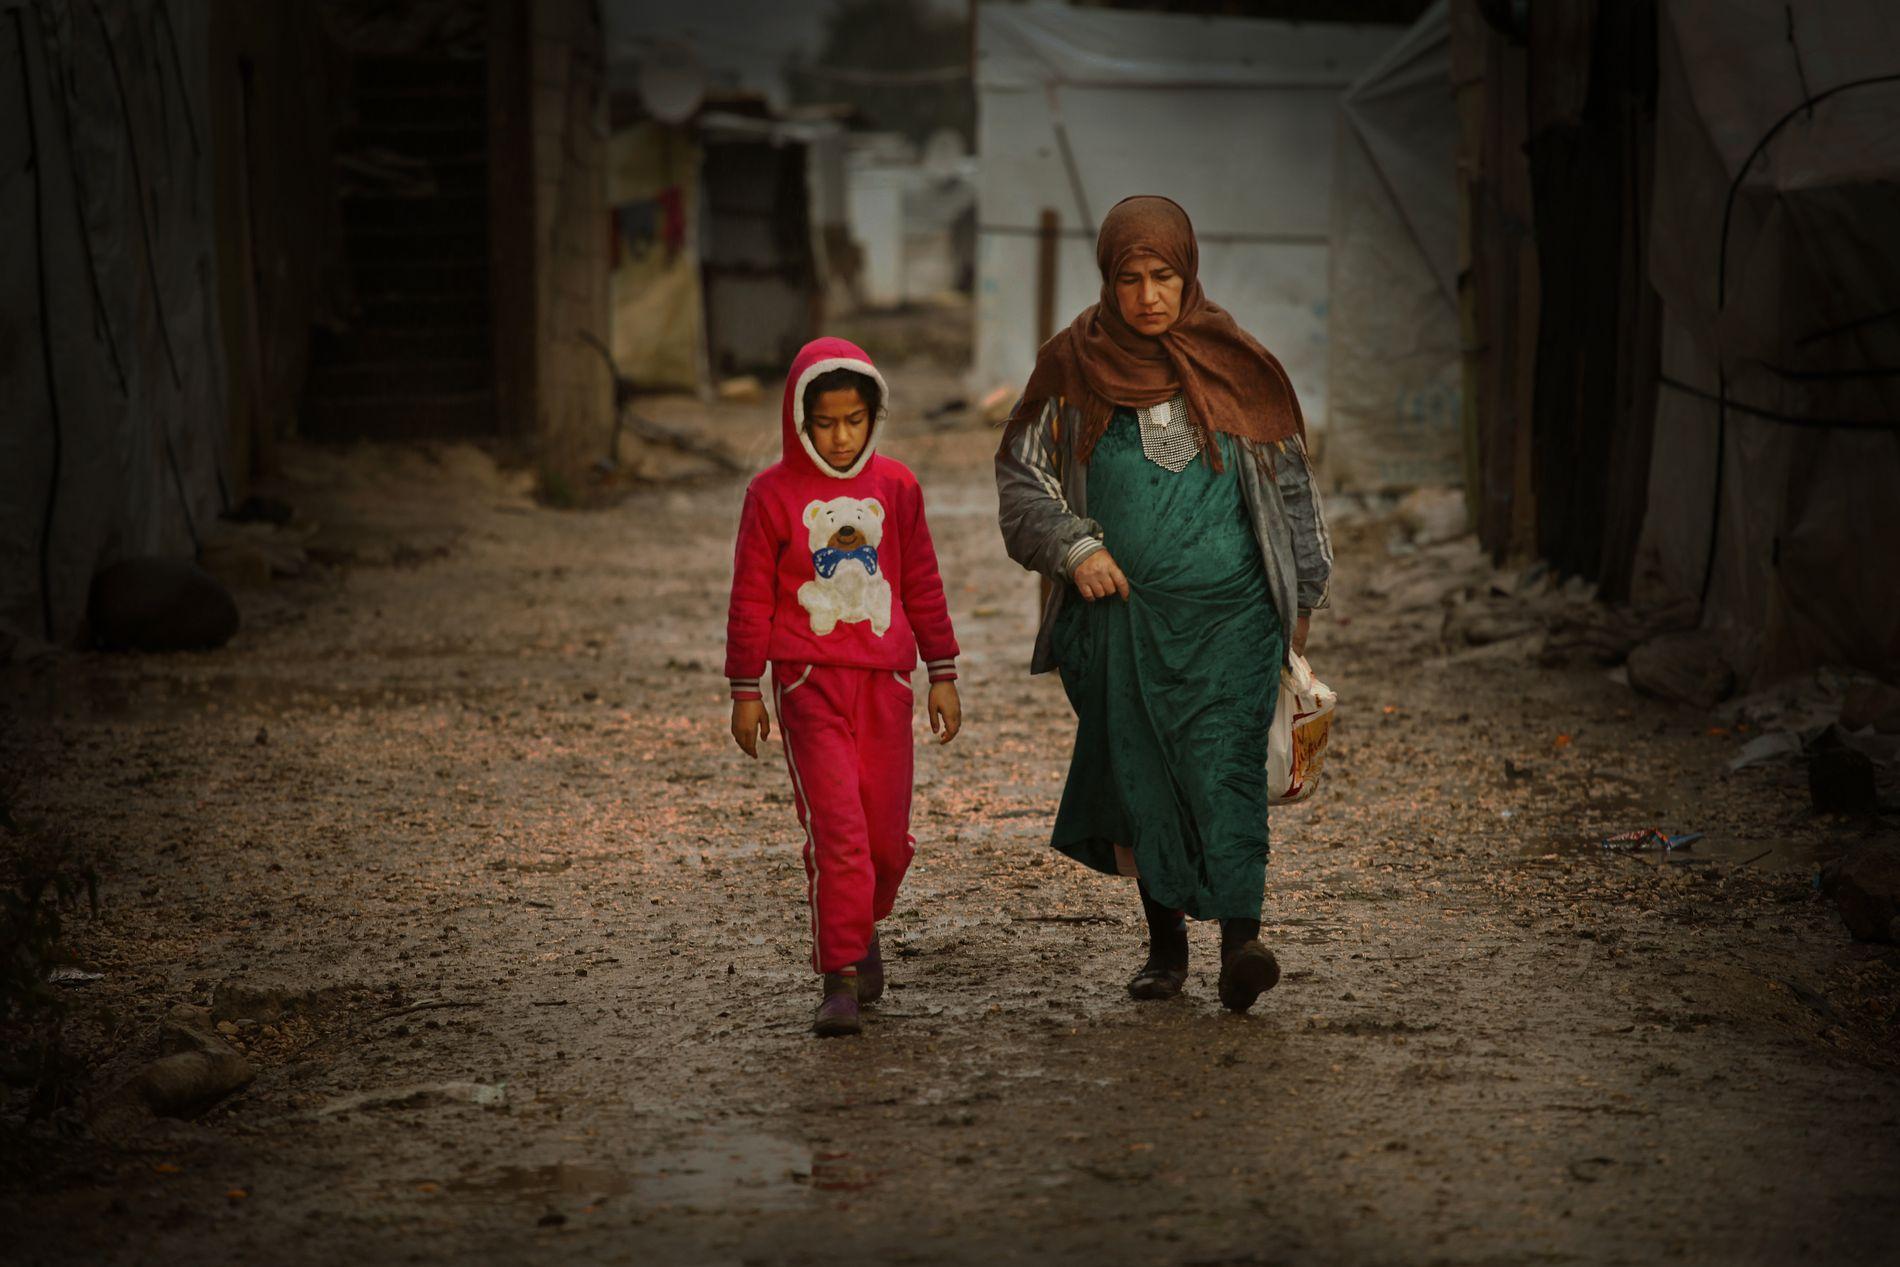 37.000 mennesker ble i snitt drevet på flukt fra sine hjem daglig i fjor. Disse syriske flyktningene har søkt tilflukt nord i Libanon, som har tatt imot flest flyktninger per innbygger.